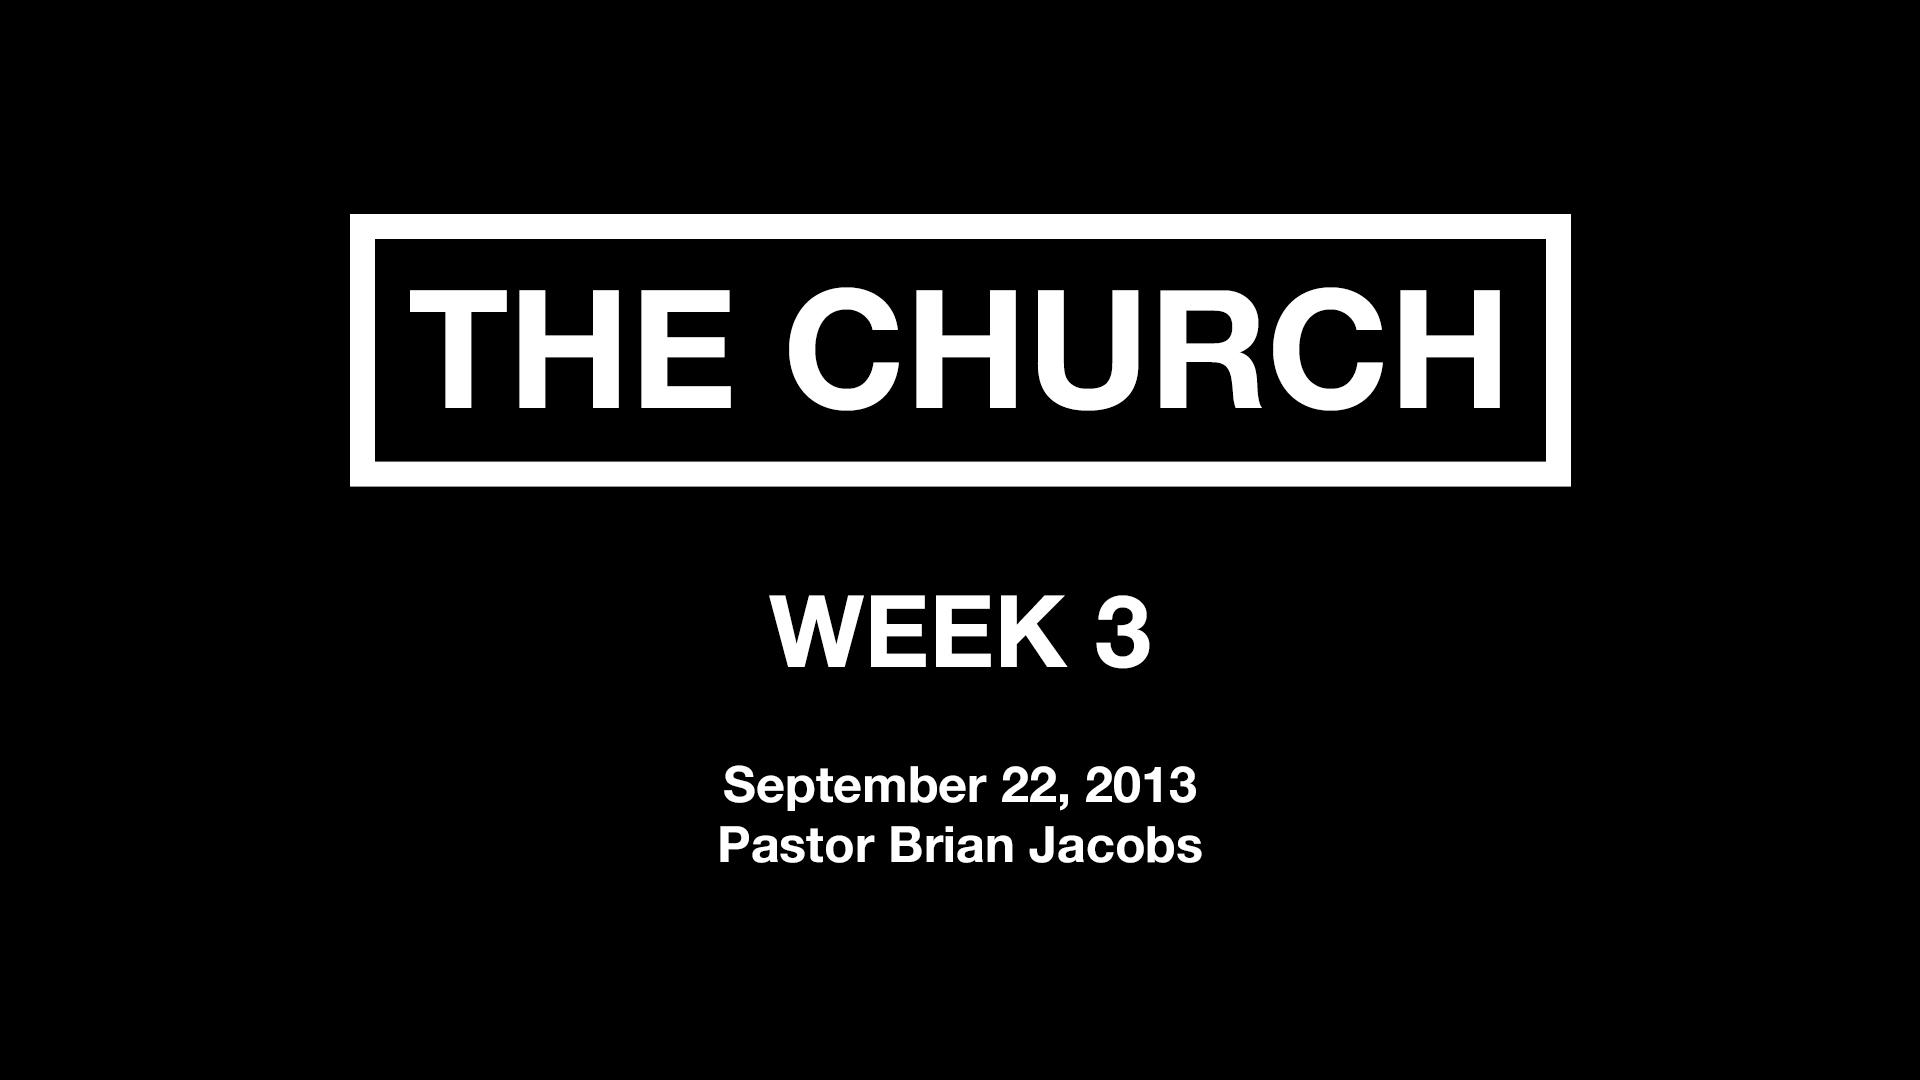 The Church - Week 3 - Temp Thumbnail.jpg